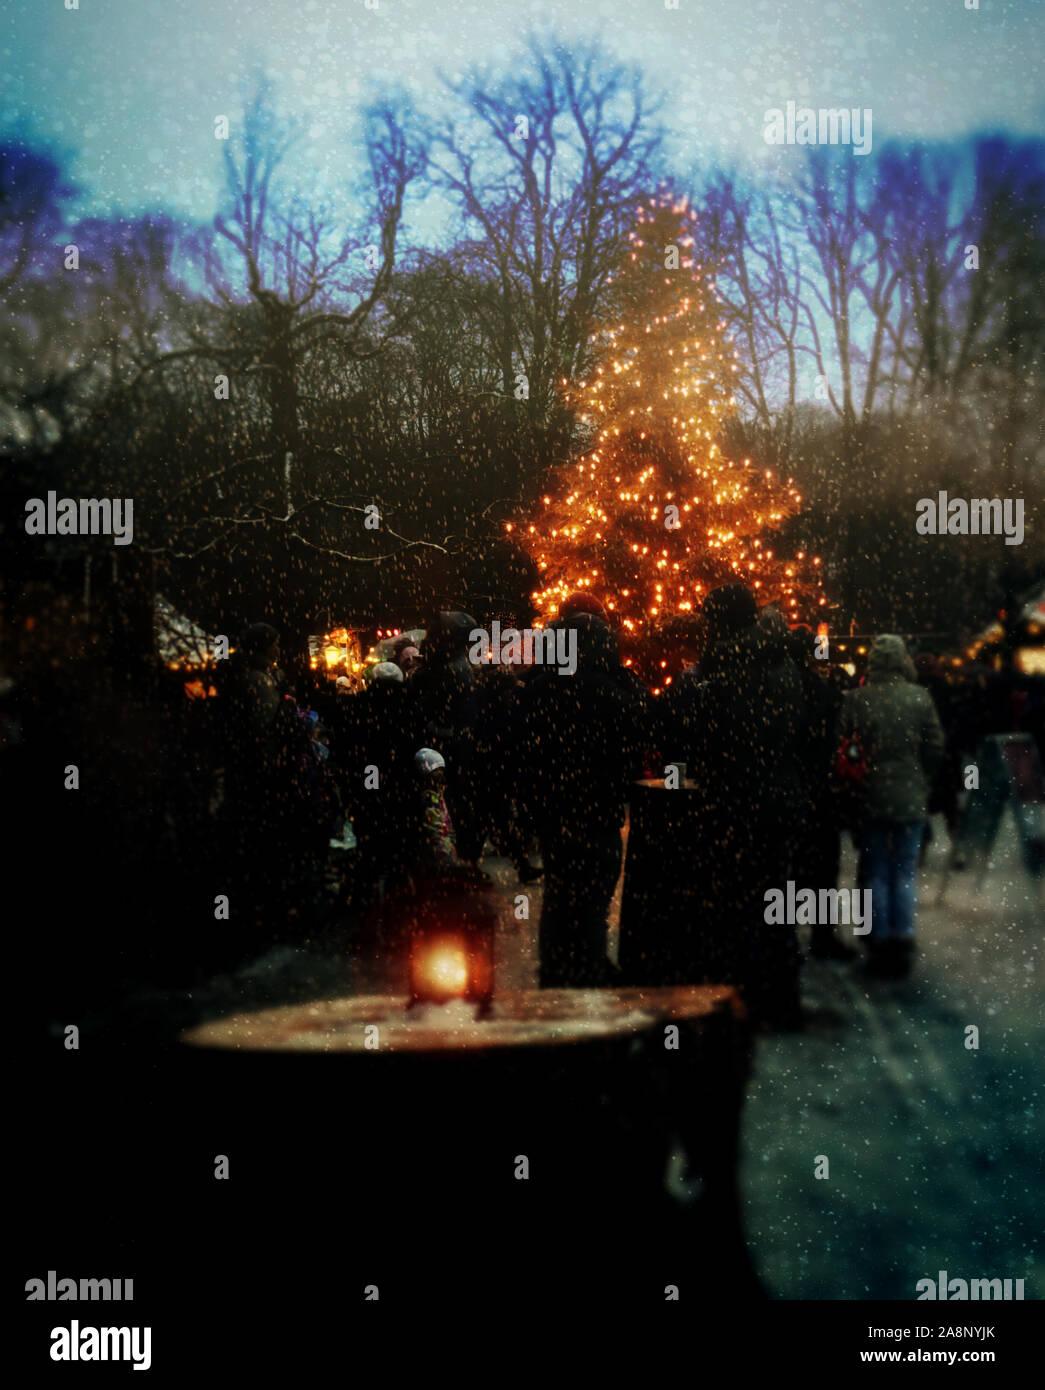 Munich, Allemagne - Marché de Noël au jardin anglais dans la nuit avec un arbre de Noël et de neige Banque D'Images